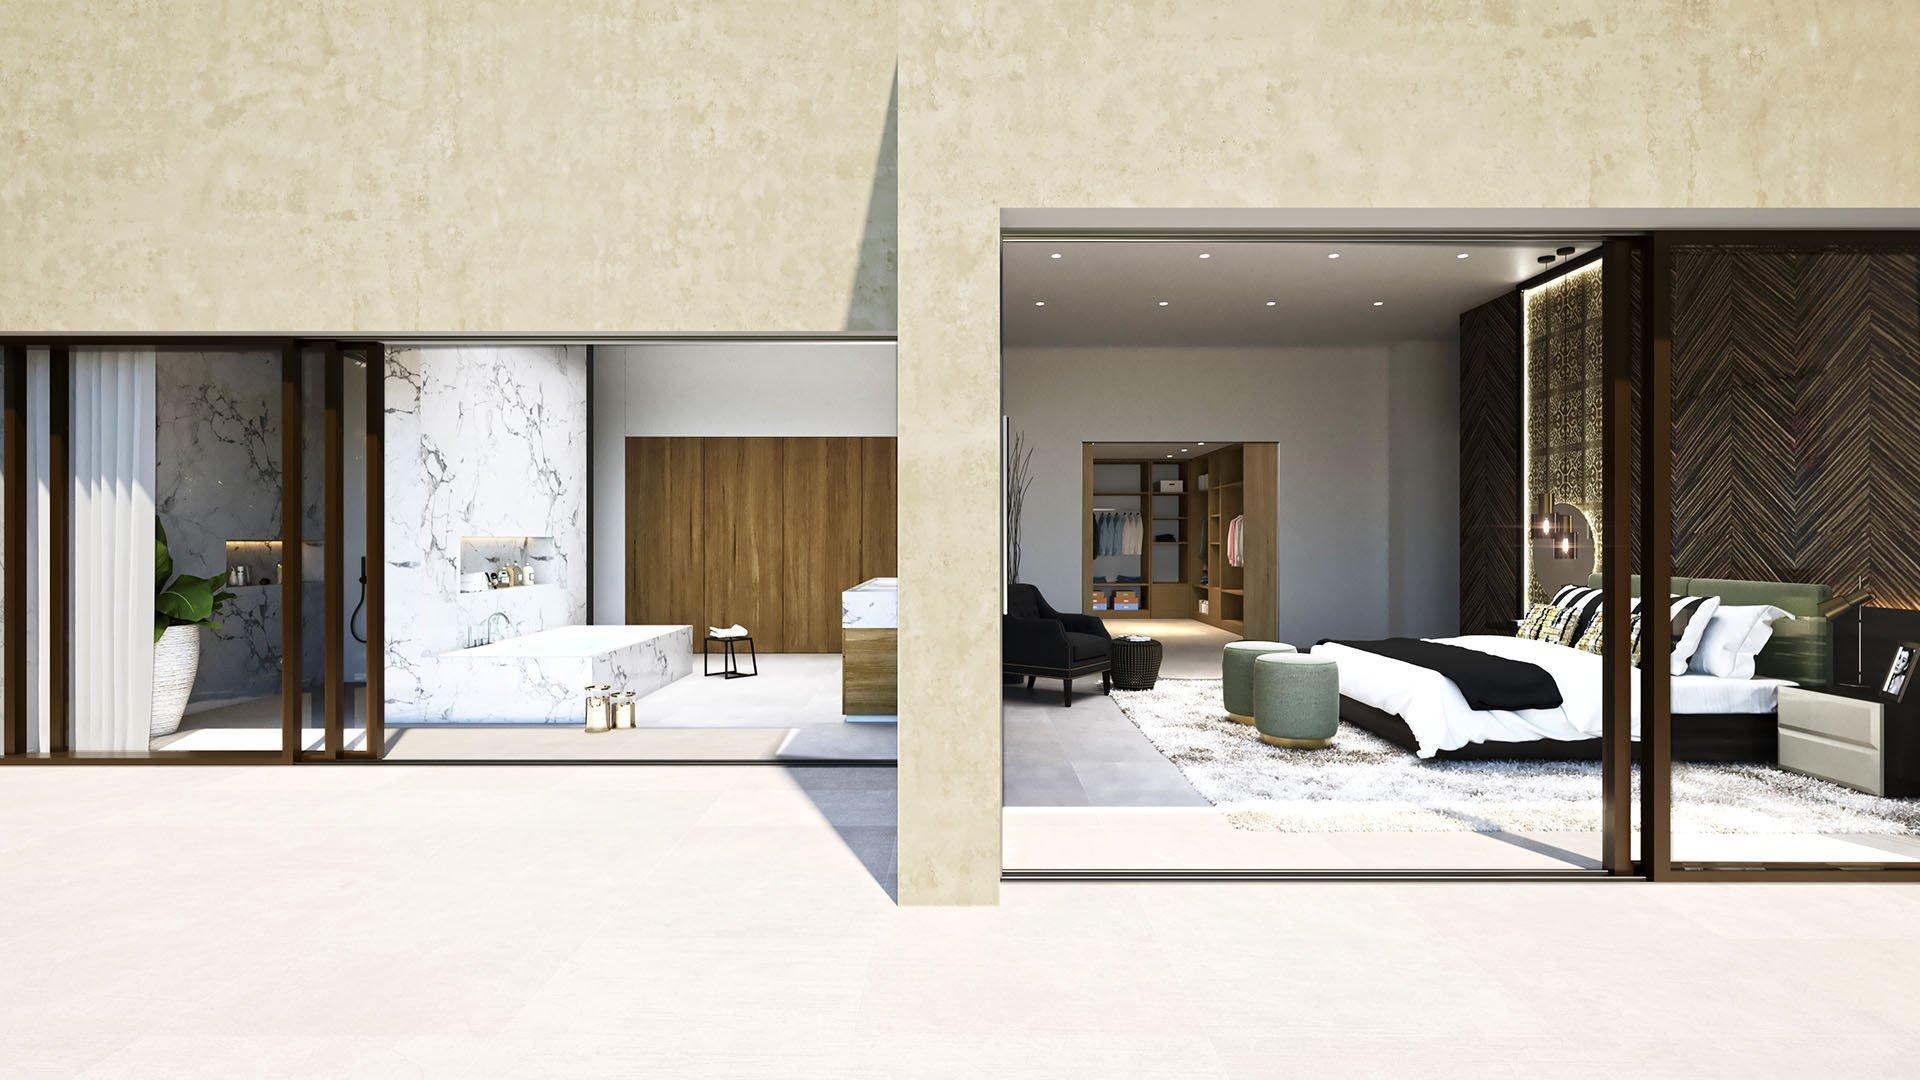 Villa Flamingo 17: Fenomenale luxe villa met indrukwekkend panoramisch uitzicht